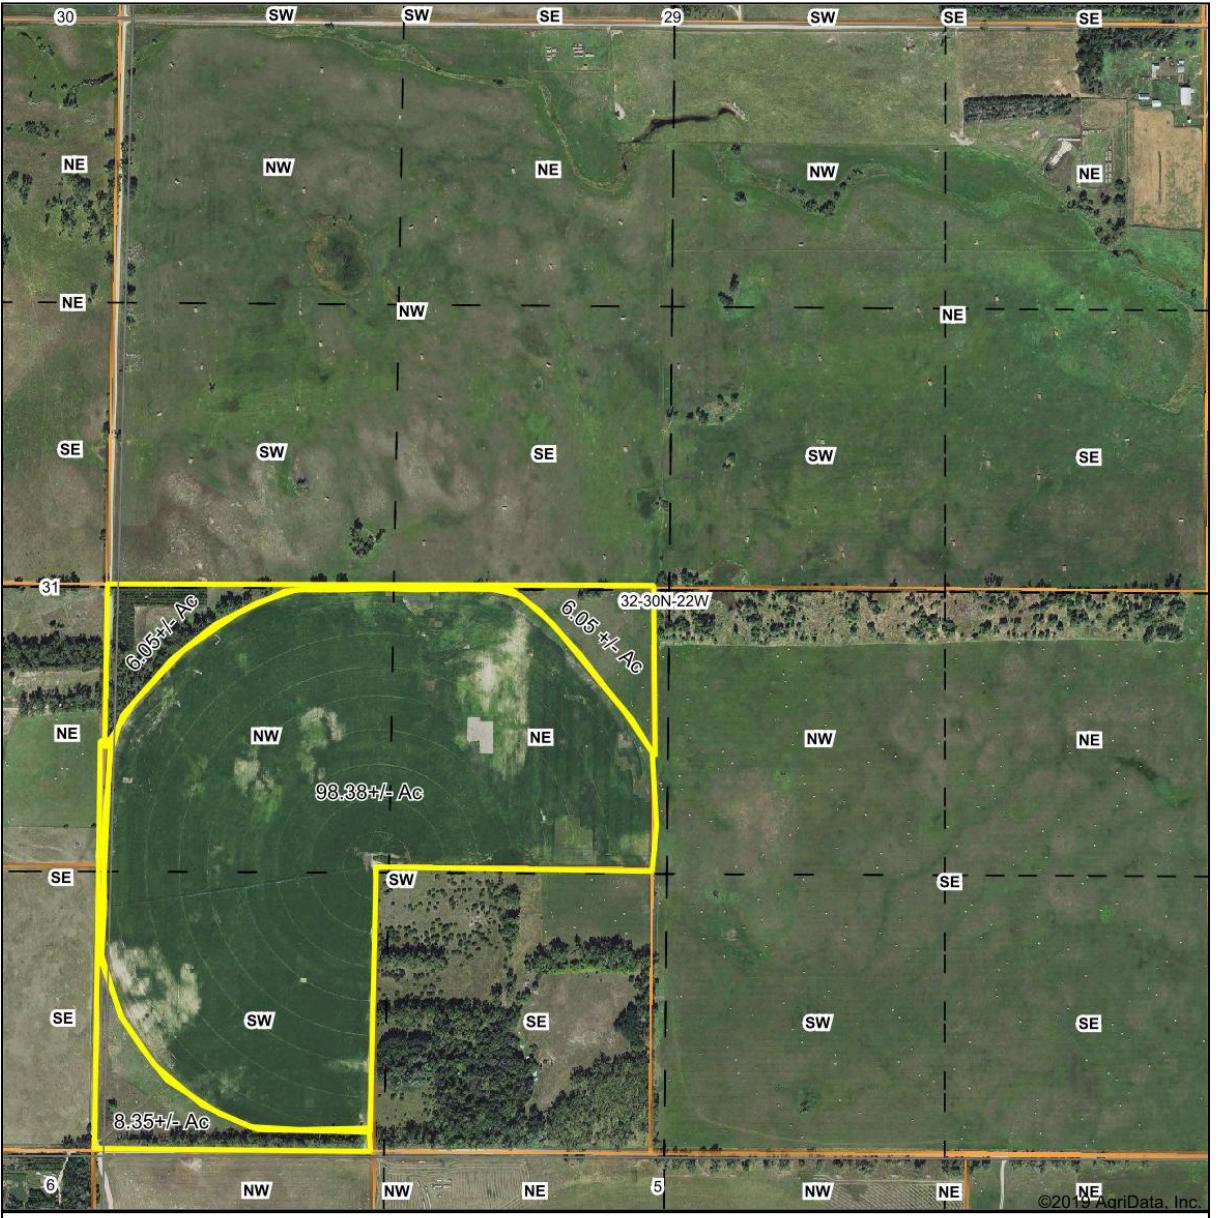 118.37 acres arieal crop